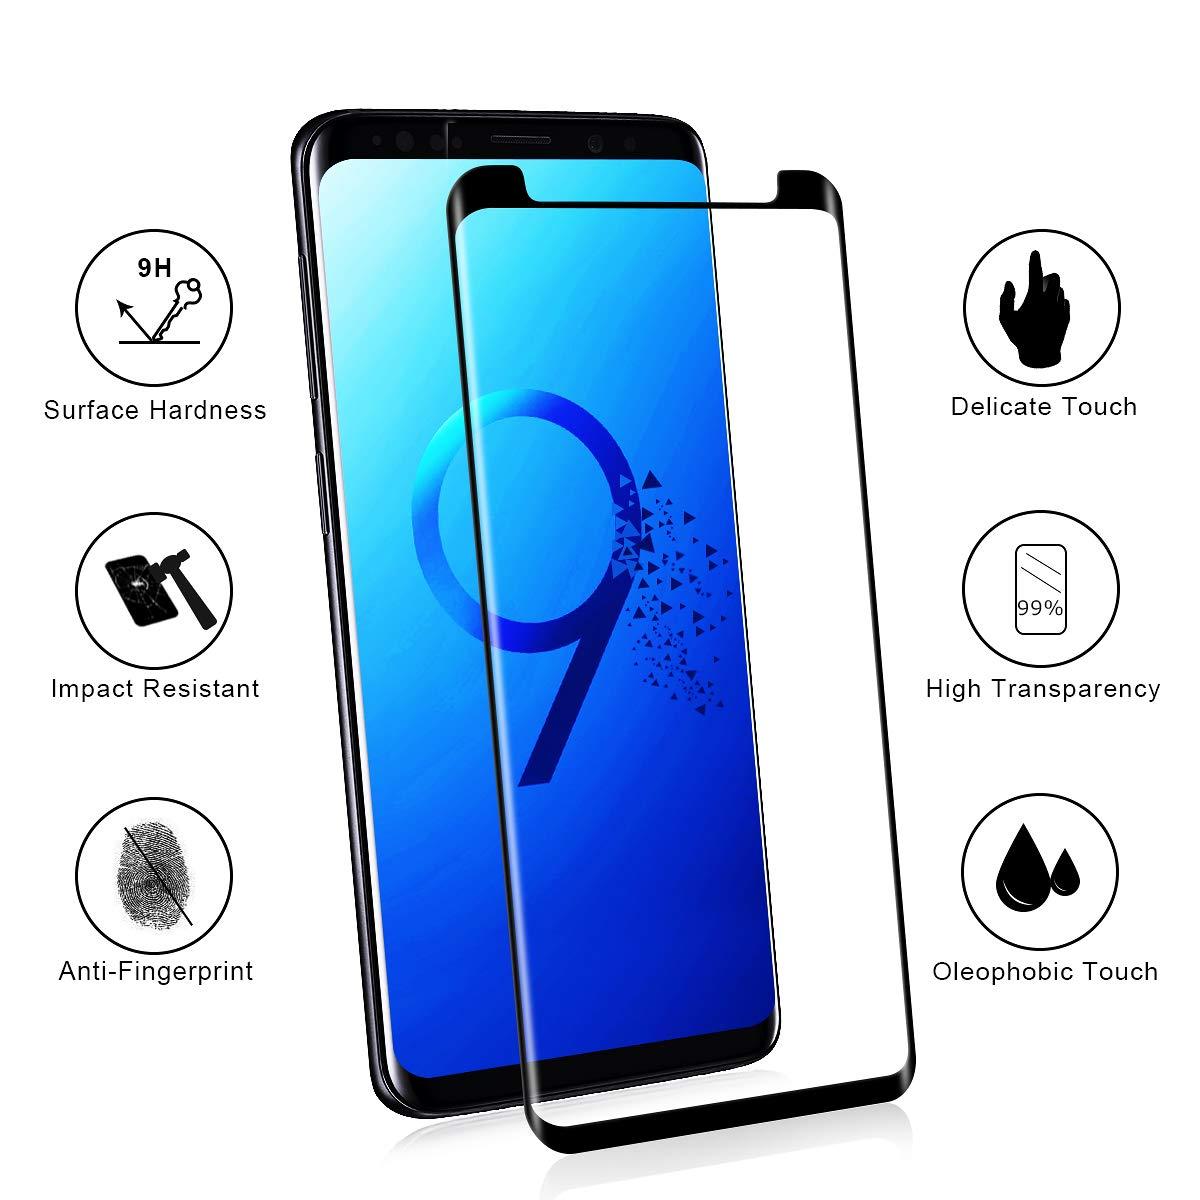 NONZERS Protector Pantalla para Samsung Galaxy S9 Plus,Ultra Transparente Cristal Templado,Fácil de Instalación,Vidrio Templado Duradero,Negro: Amazon.es: ...